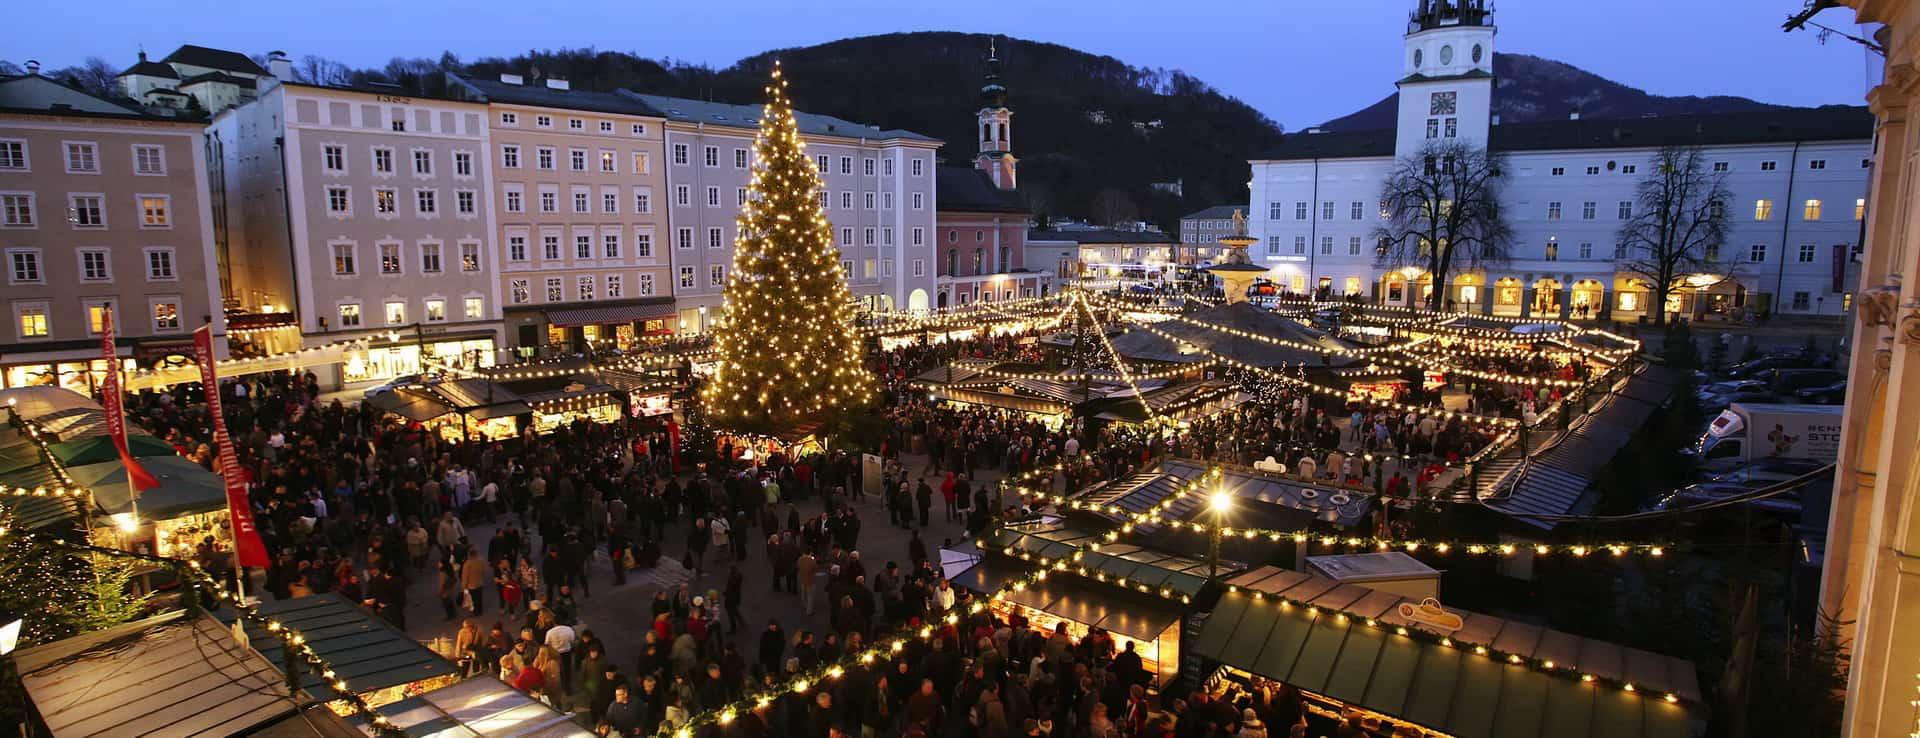 Jul julmarknad Advent adventmarknad Vinter Salzburg semester vintersemester Blaue Stunde Residenzplatz Christkindlmarkt Österrike